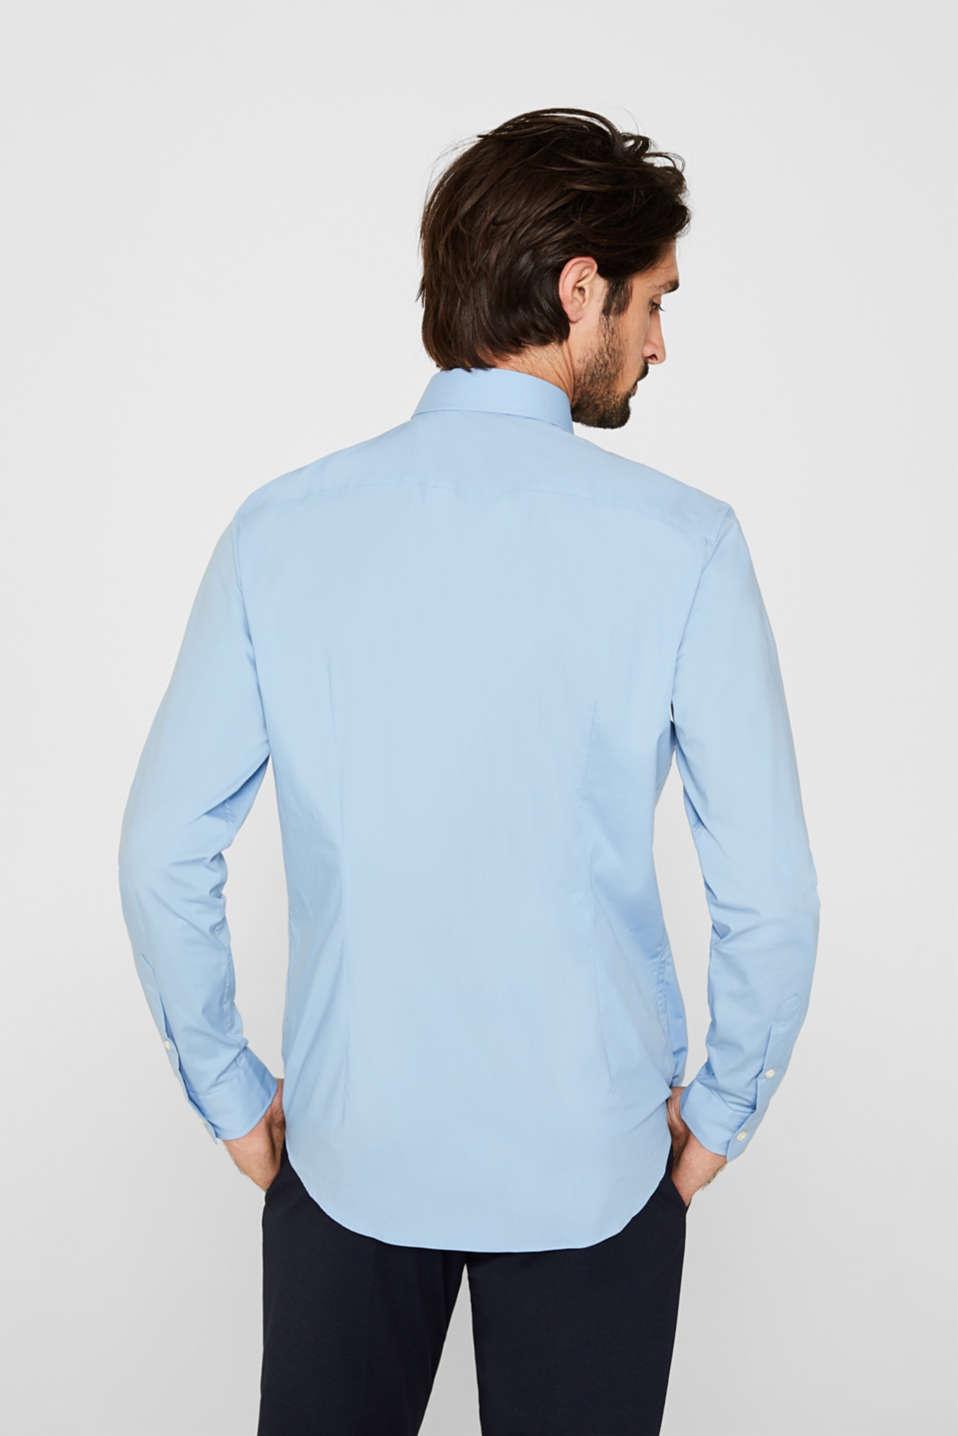 Mixed Sets Slim fit, LIGHT BLUE, detail image number 3